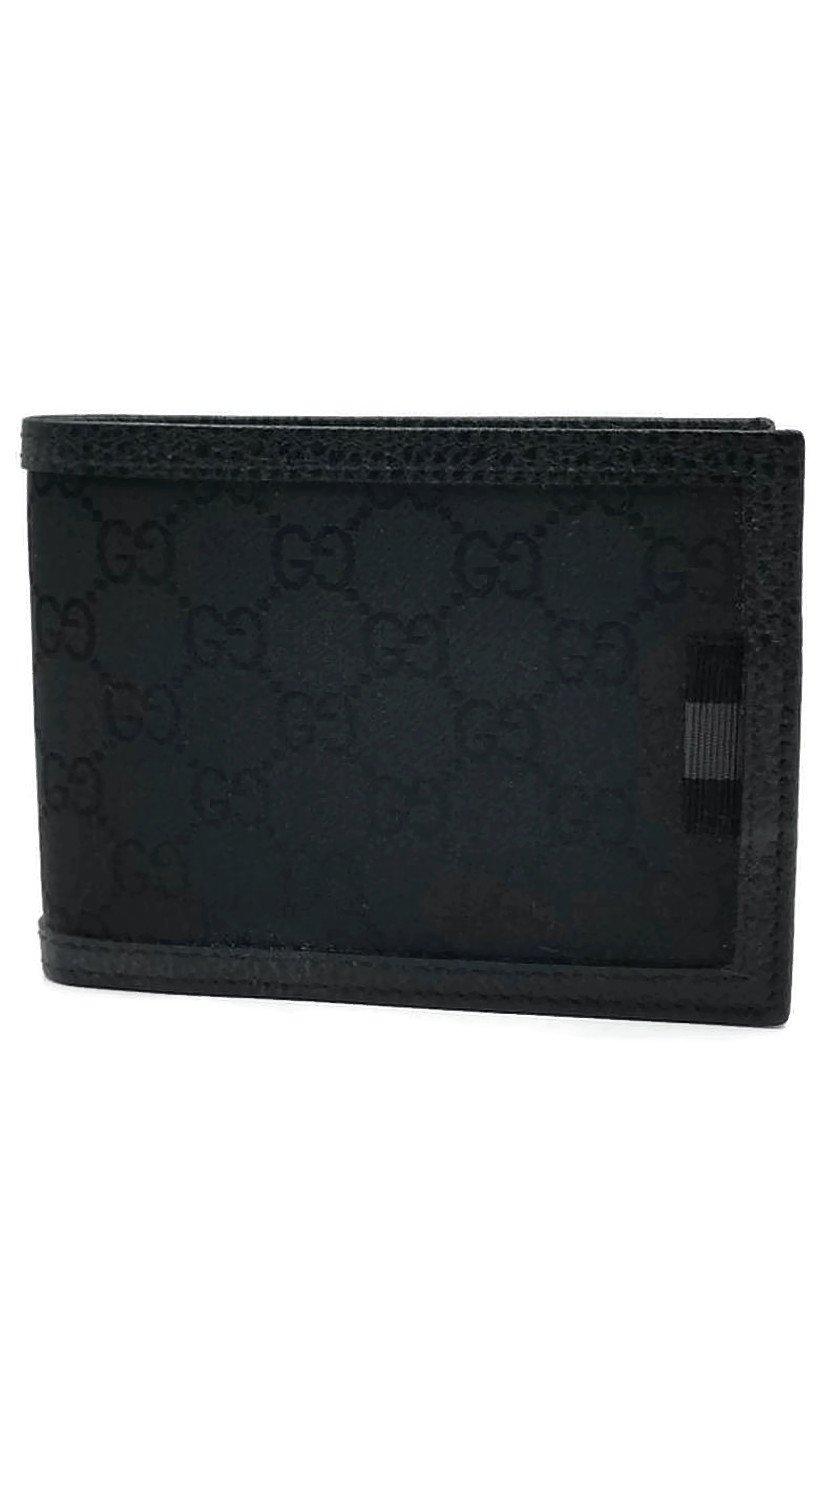 e6fc710c9d6f Gucci Men's Smooth Black Canvas Web Tab GG Guccissima Bifold Wallet ...